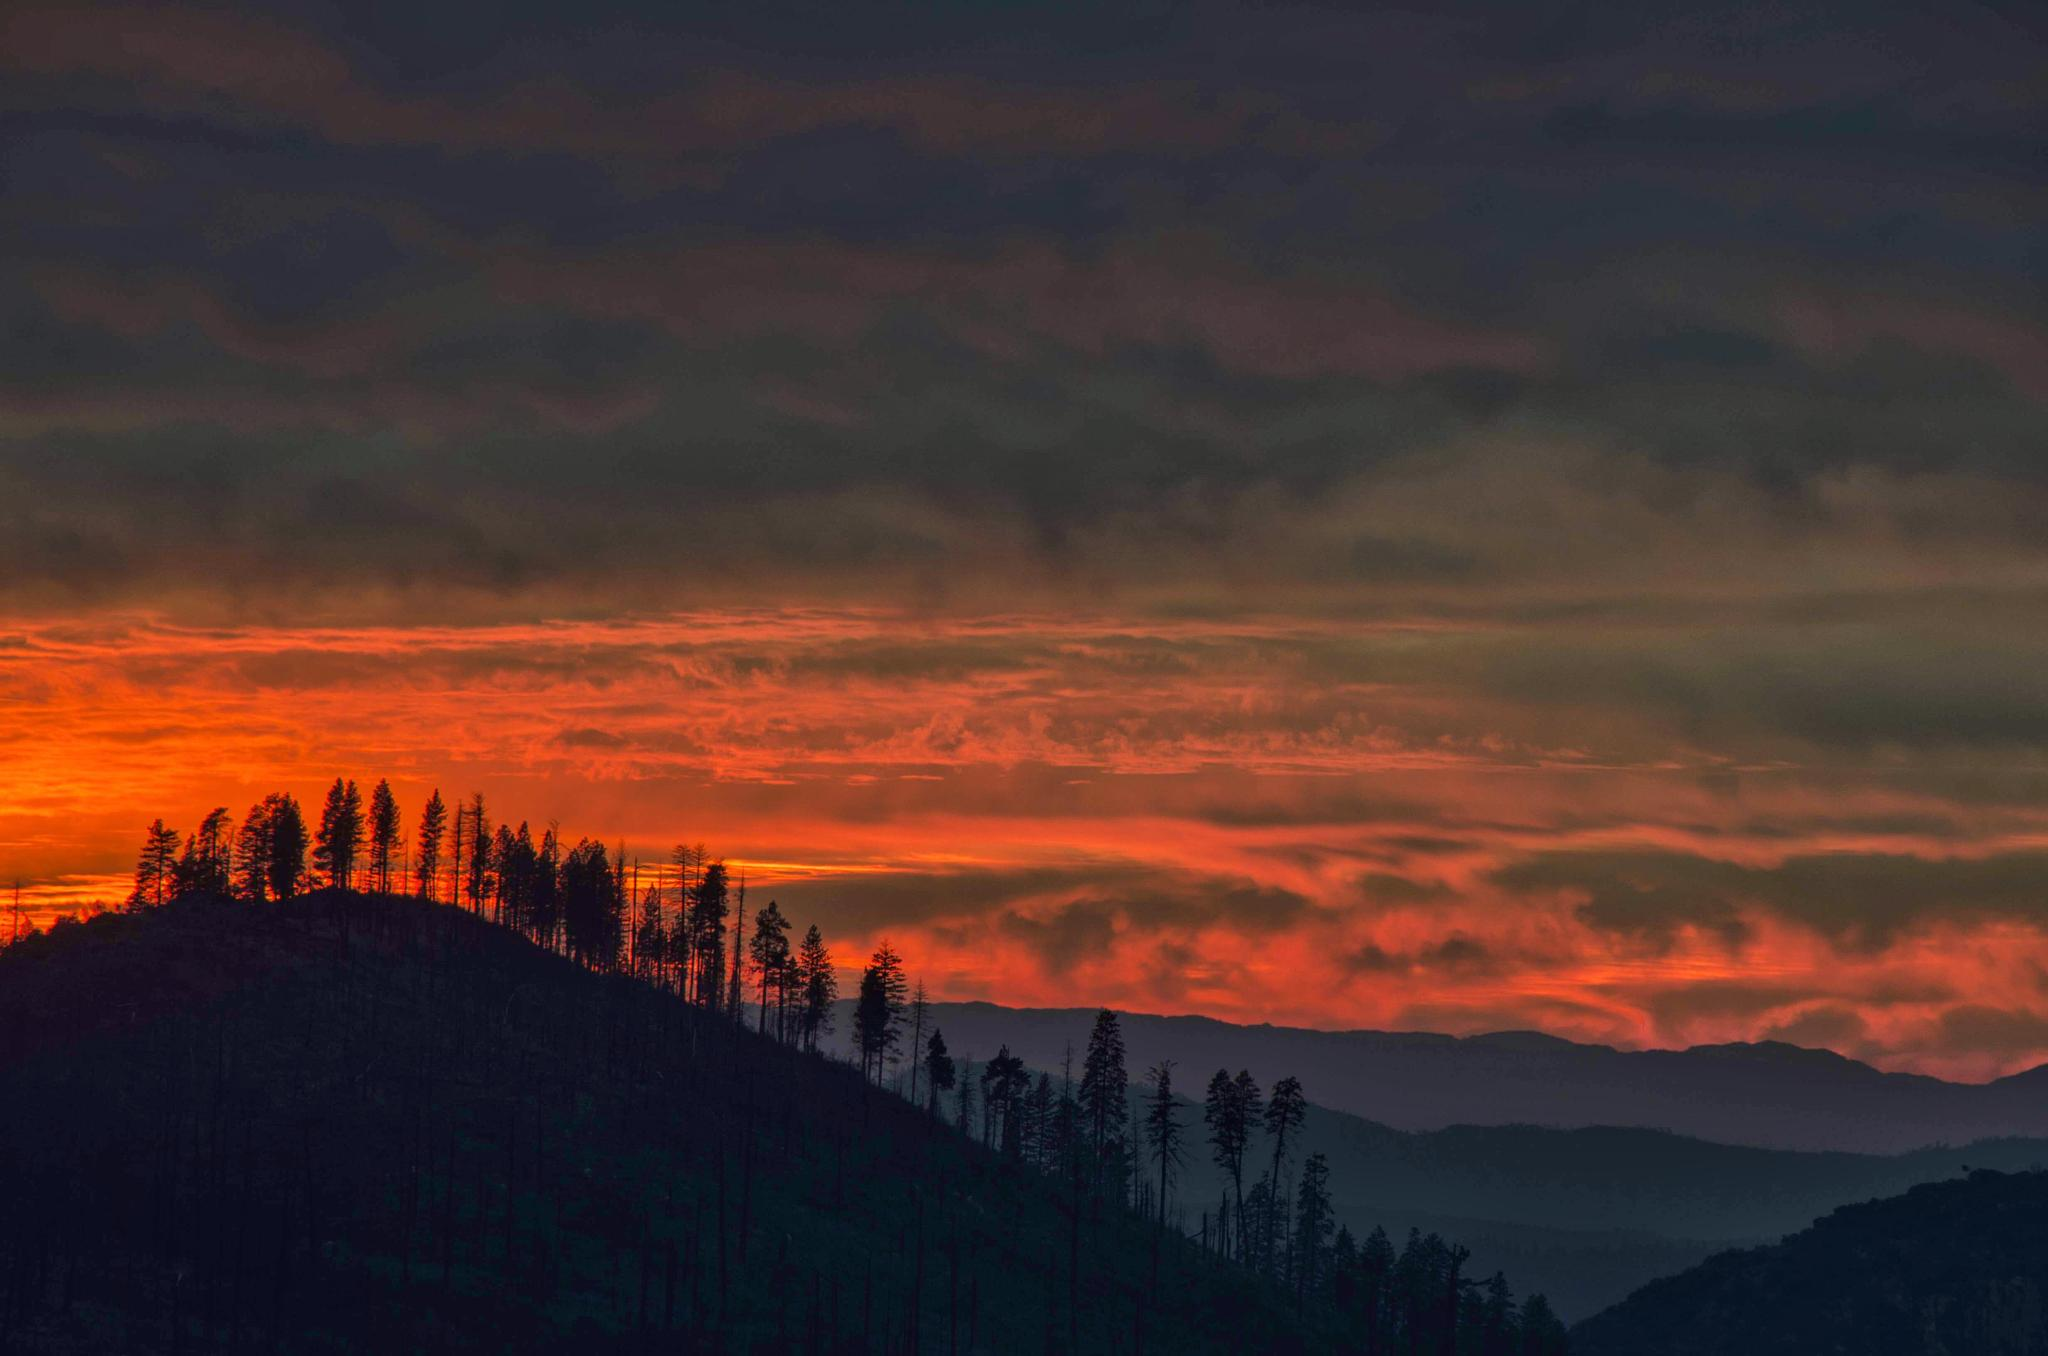 Cloudy sunset by RashedALSumaiti